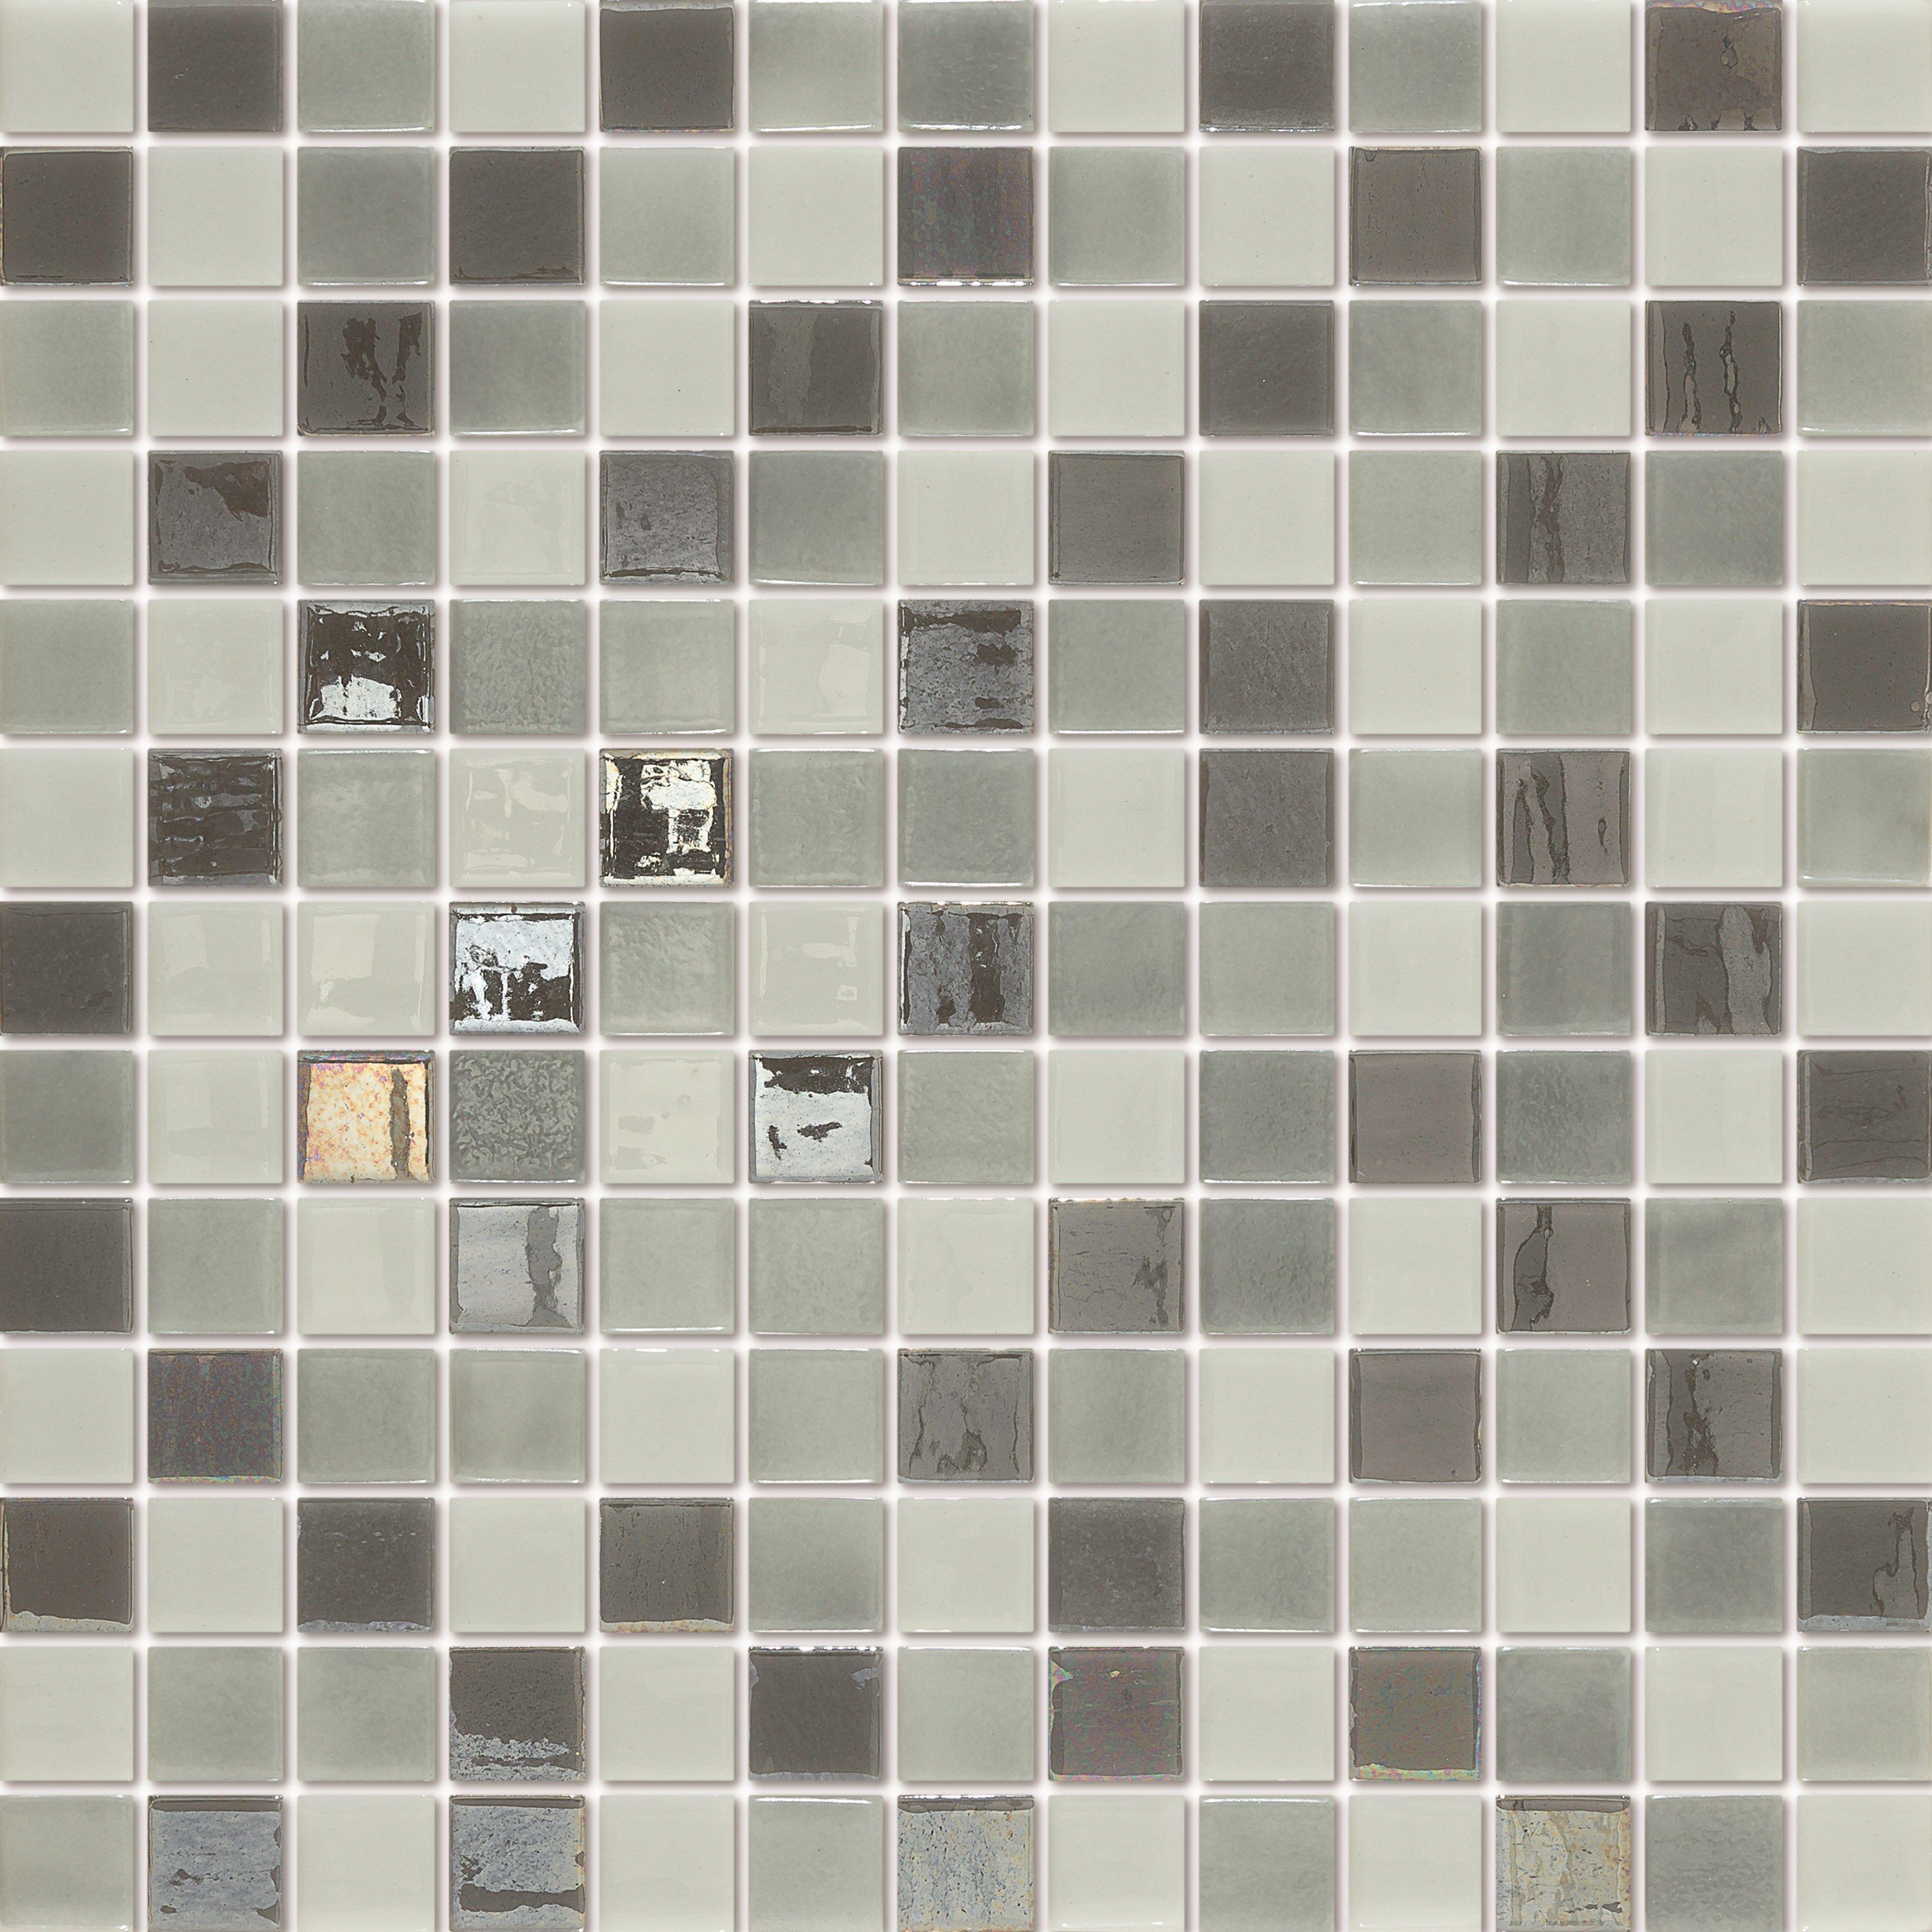 Emaux De Verre Salle De Bain ~ emaux de verre togama boston m lange blanc et gris salle de bain